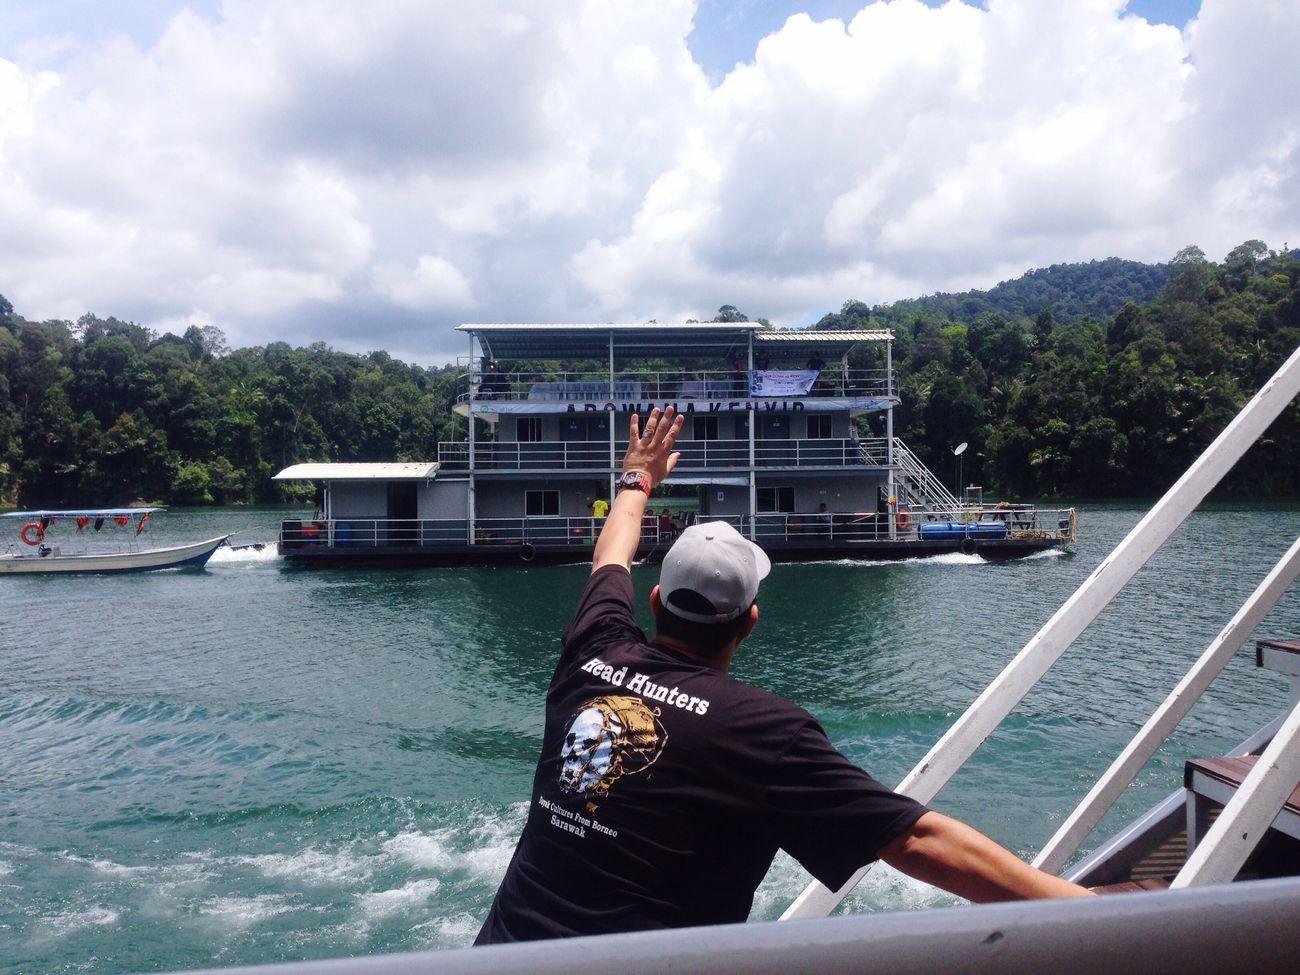 Malaysia Kenyir Terengganu Houseboat Cruise Lake Water